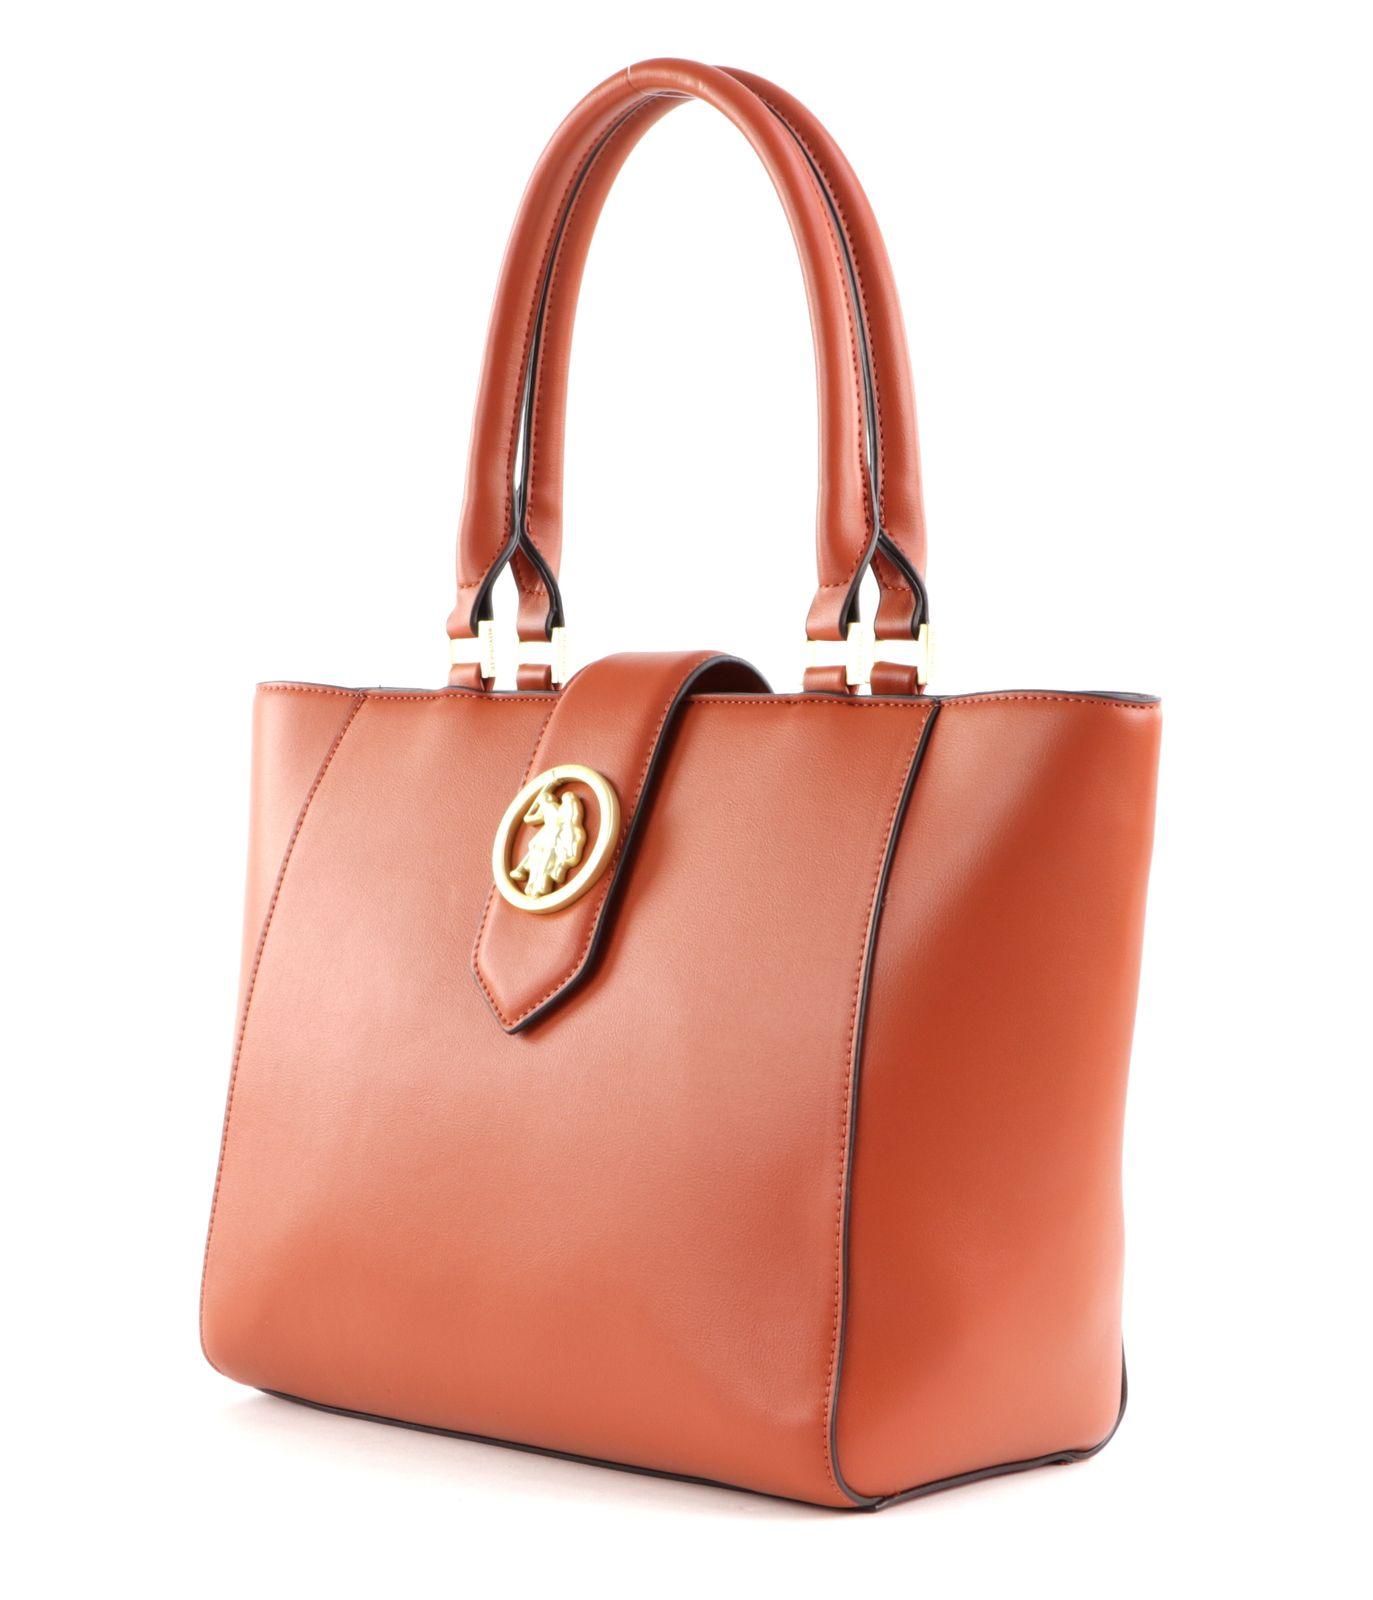 U.S. POLO ASSN. Vancouver Shopping Bag Tan